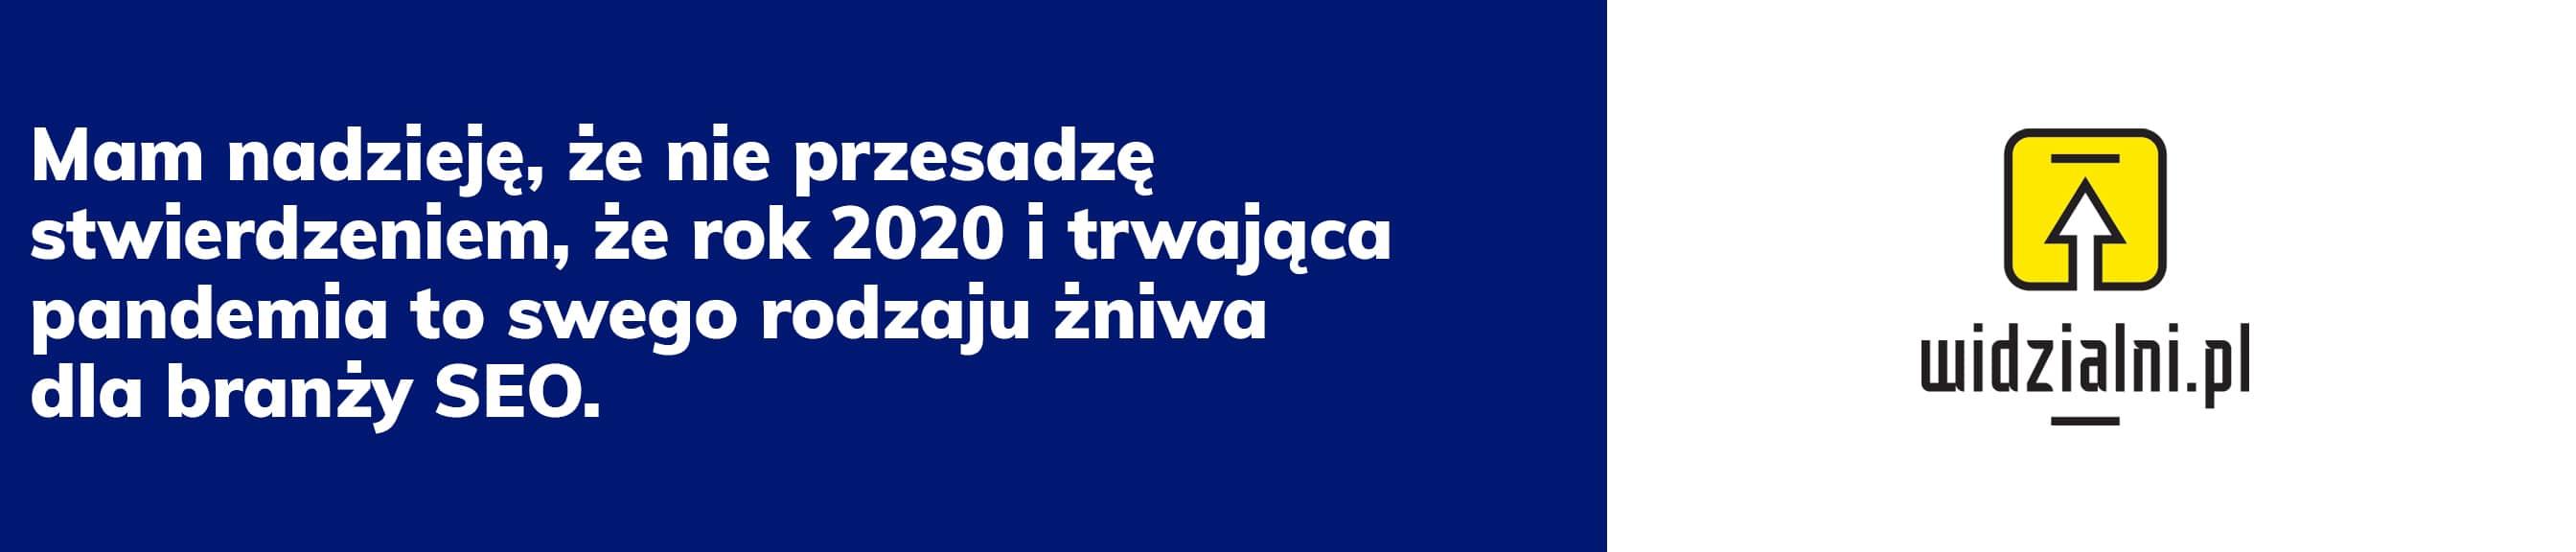 Podsumowanie roku w branży agencja widzialni.pl